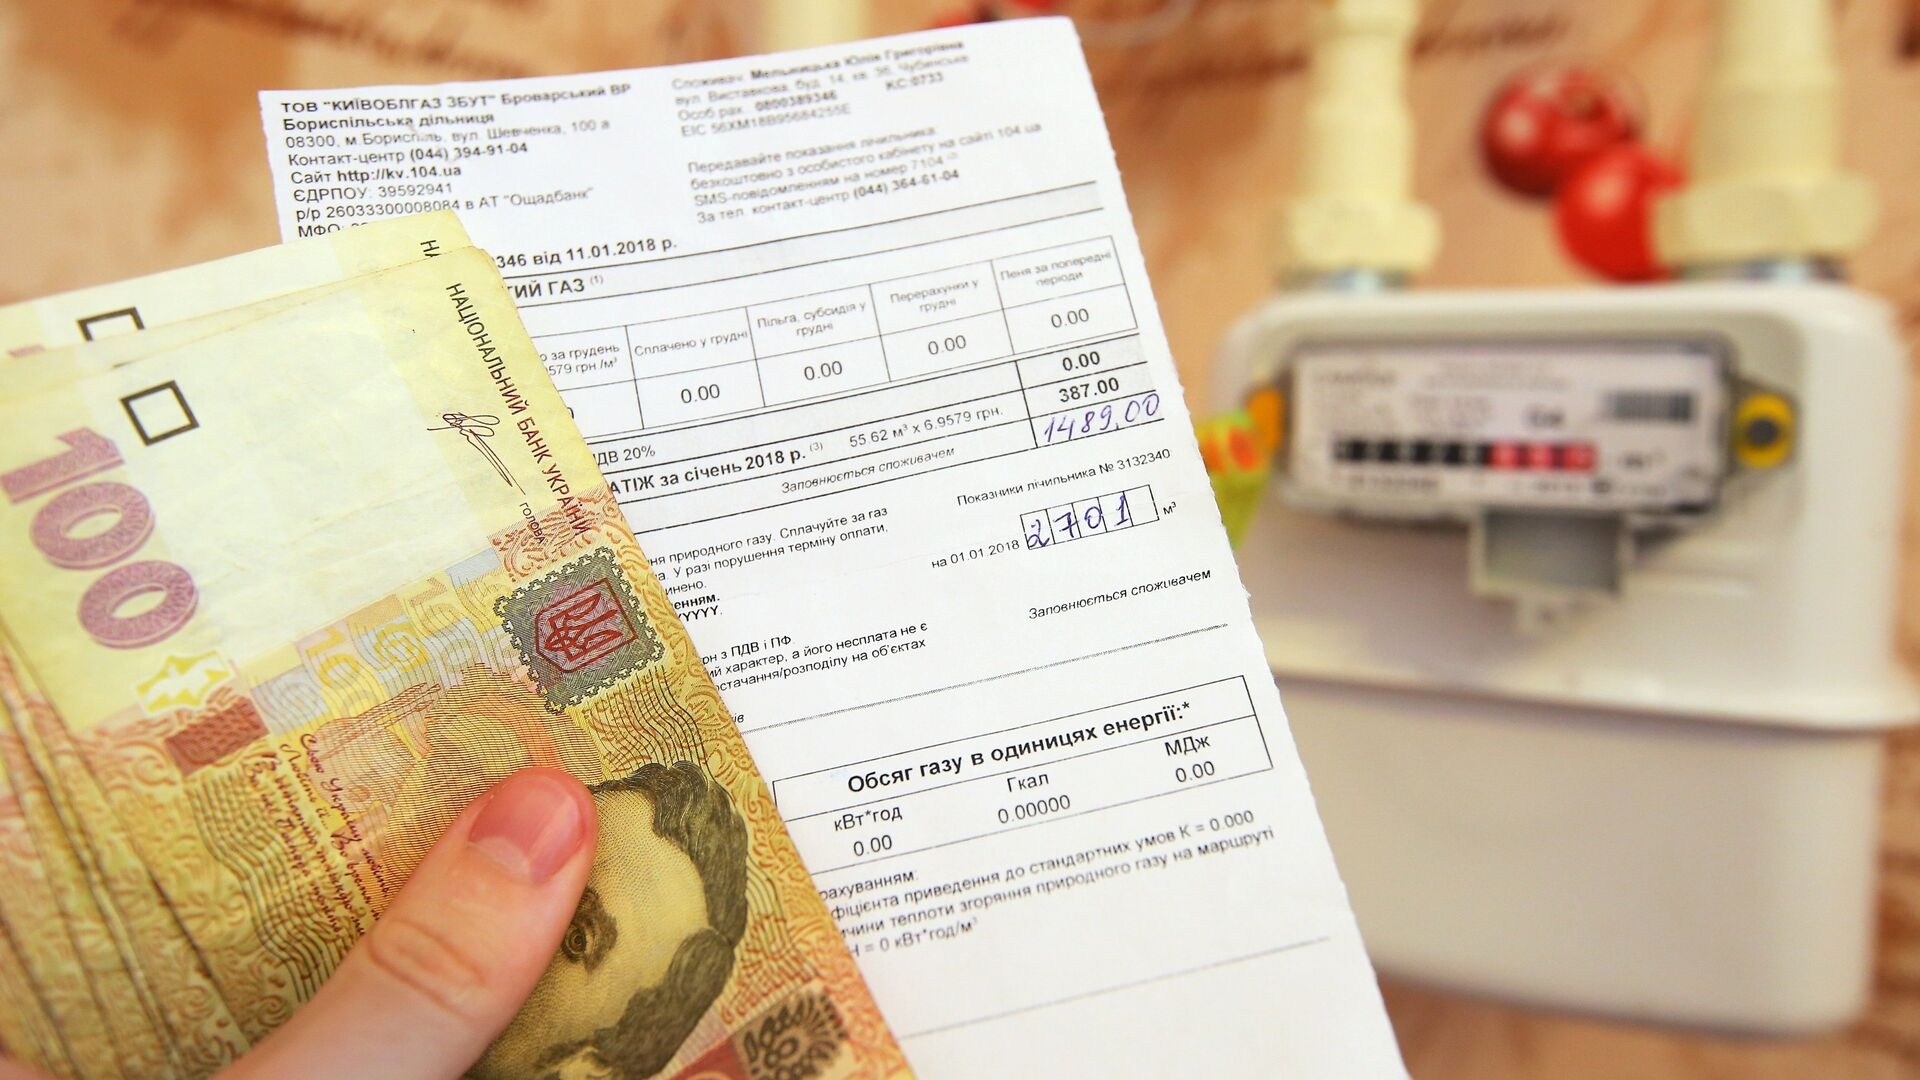 Денежные купюры Украины и квитанция за оплату коммунальных услуг - РИА Новости, 1920, 31.07.2021